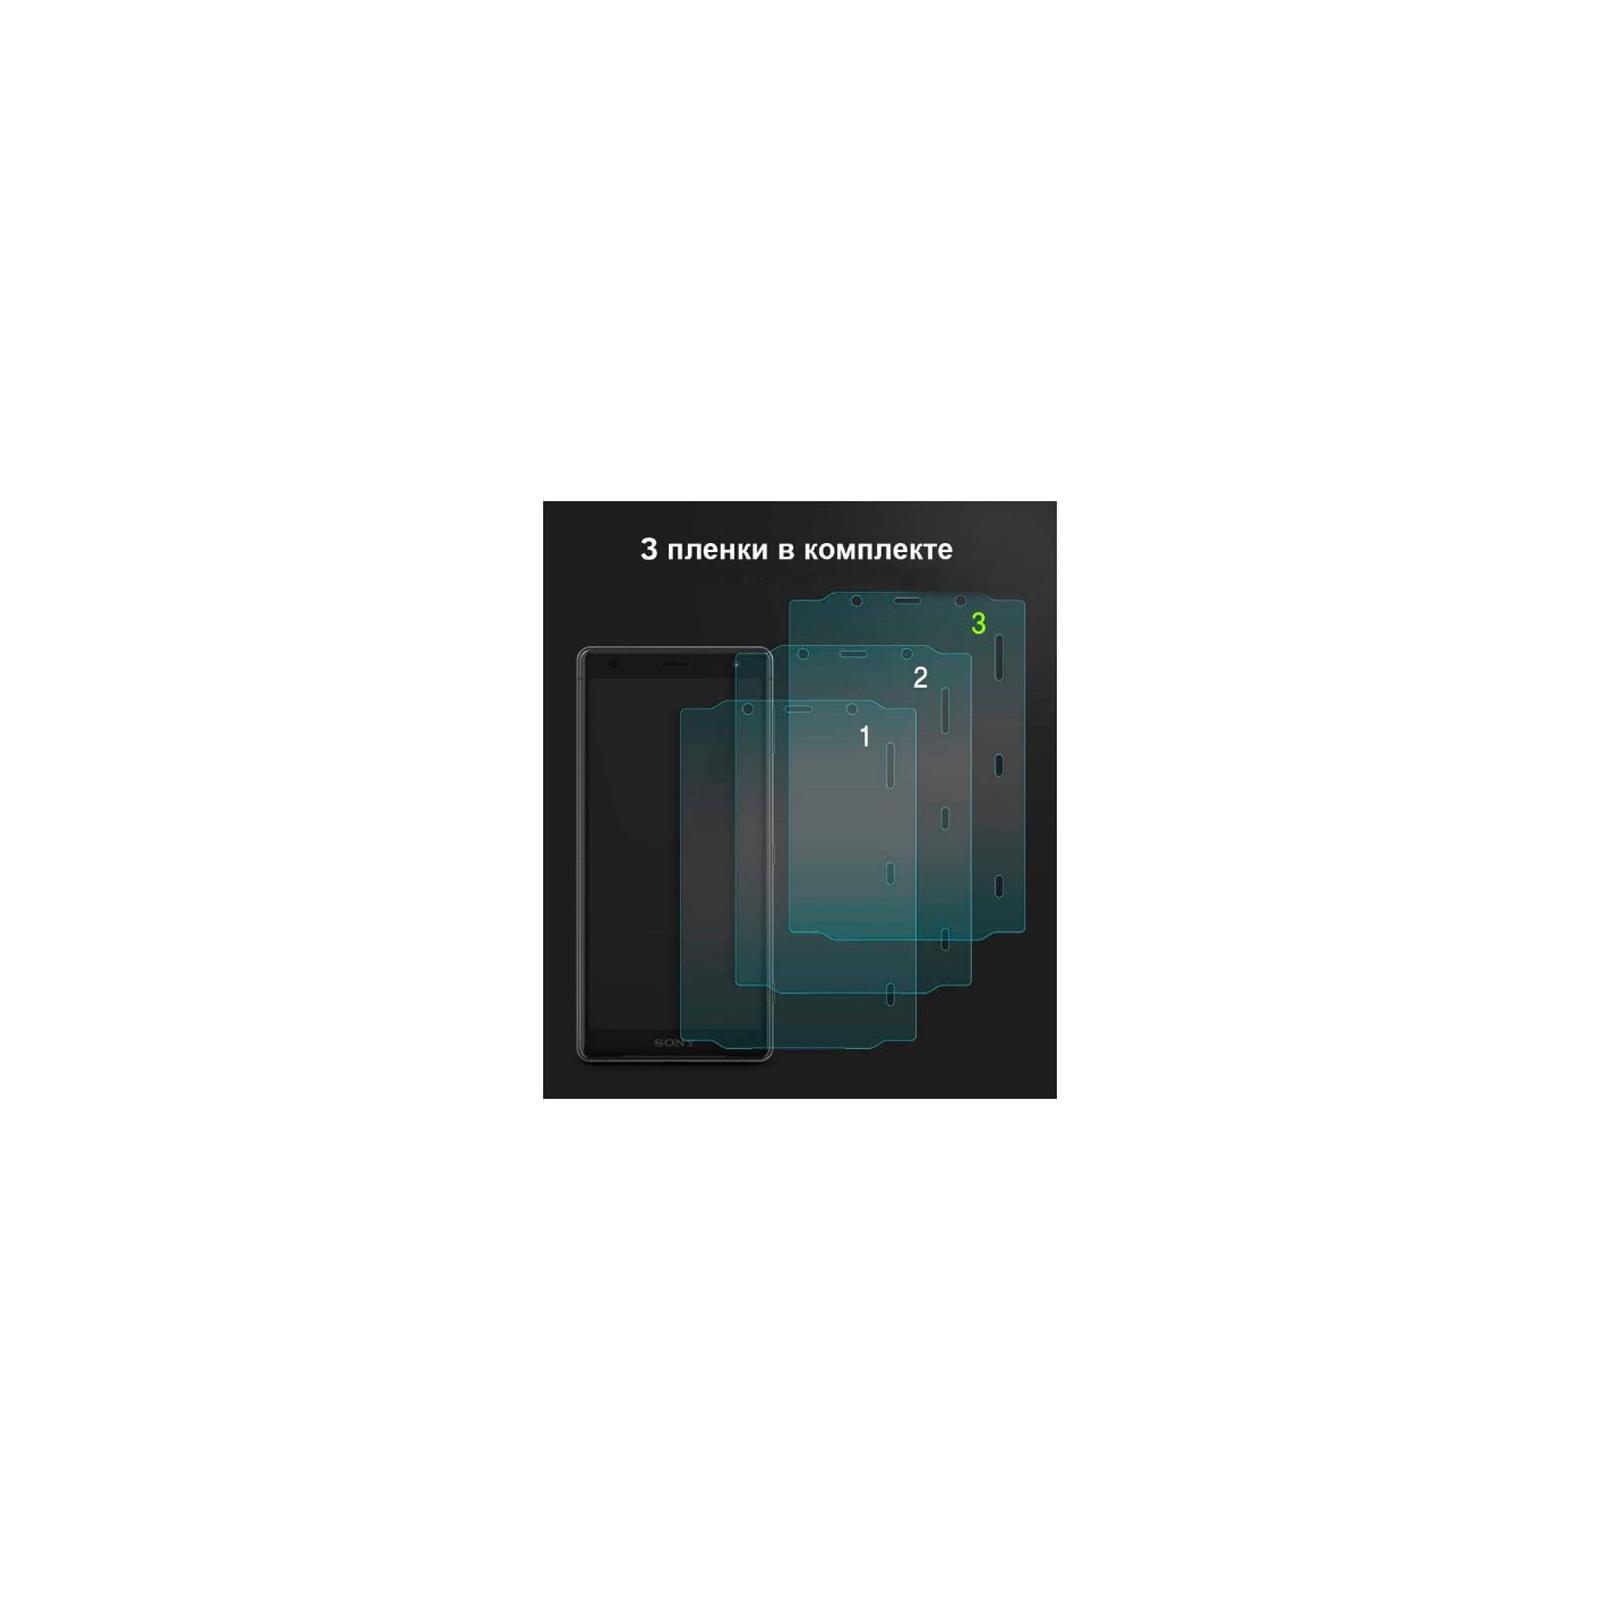 Пленка защитная Ringke для телефона Sony Xperia XZ2 Full Cover (RSP4455) изображение 3